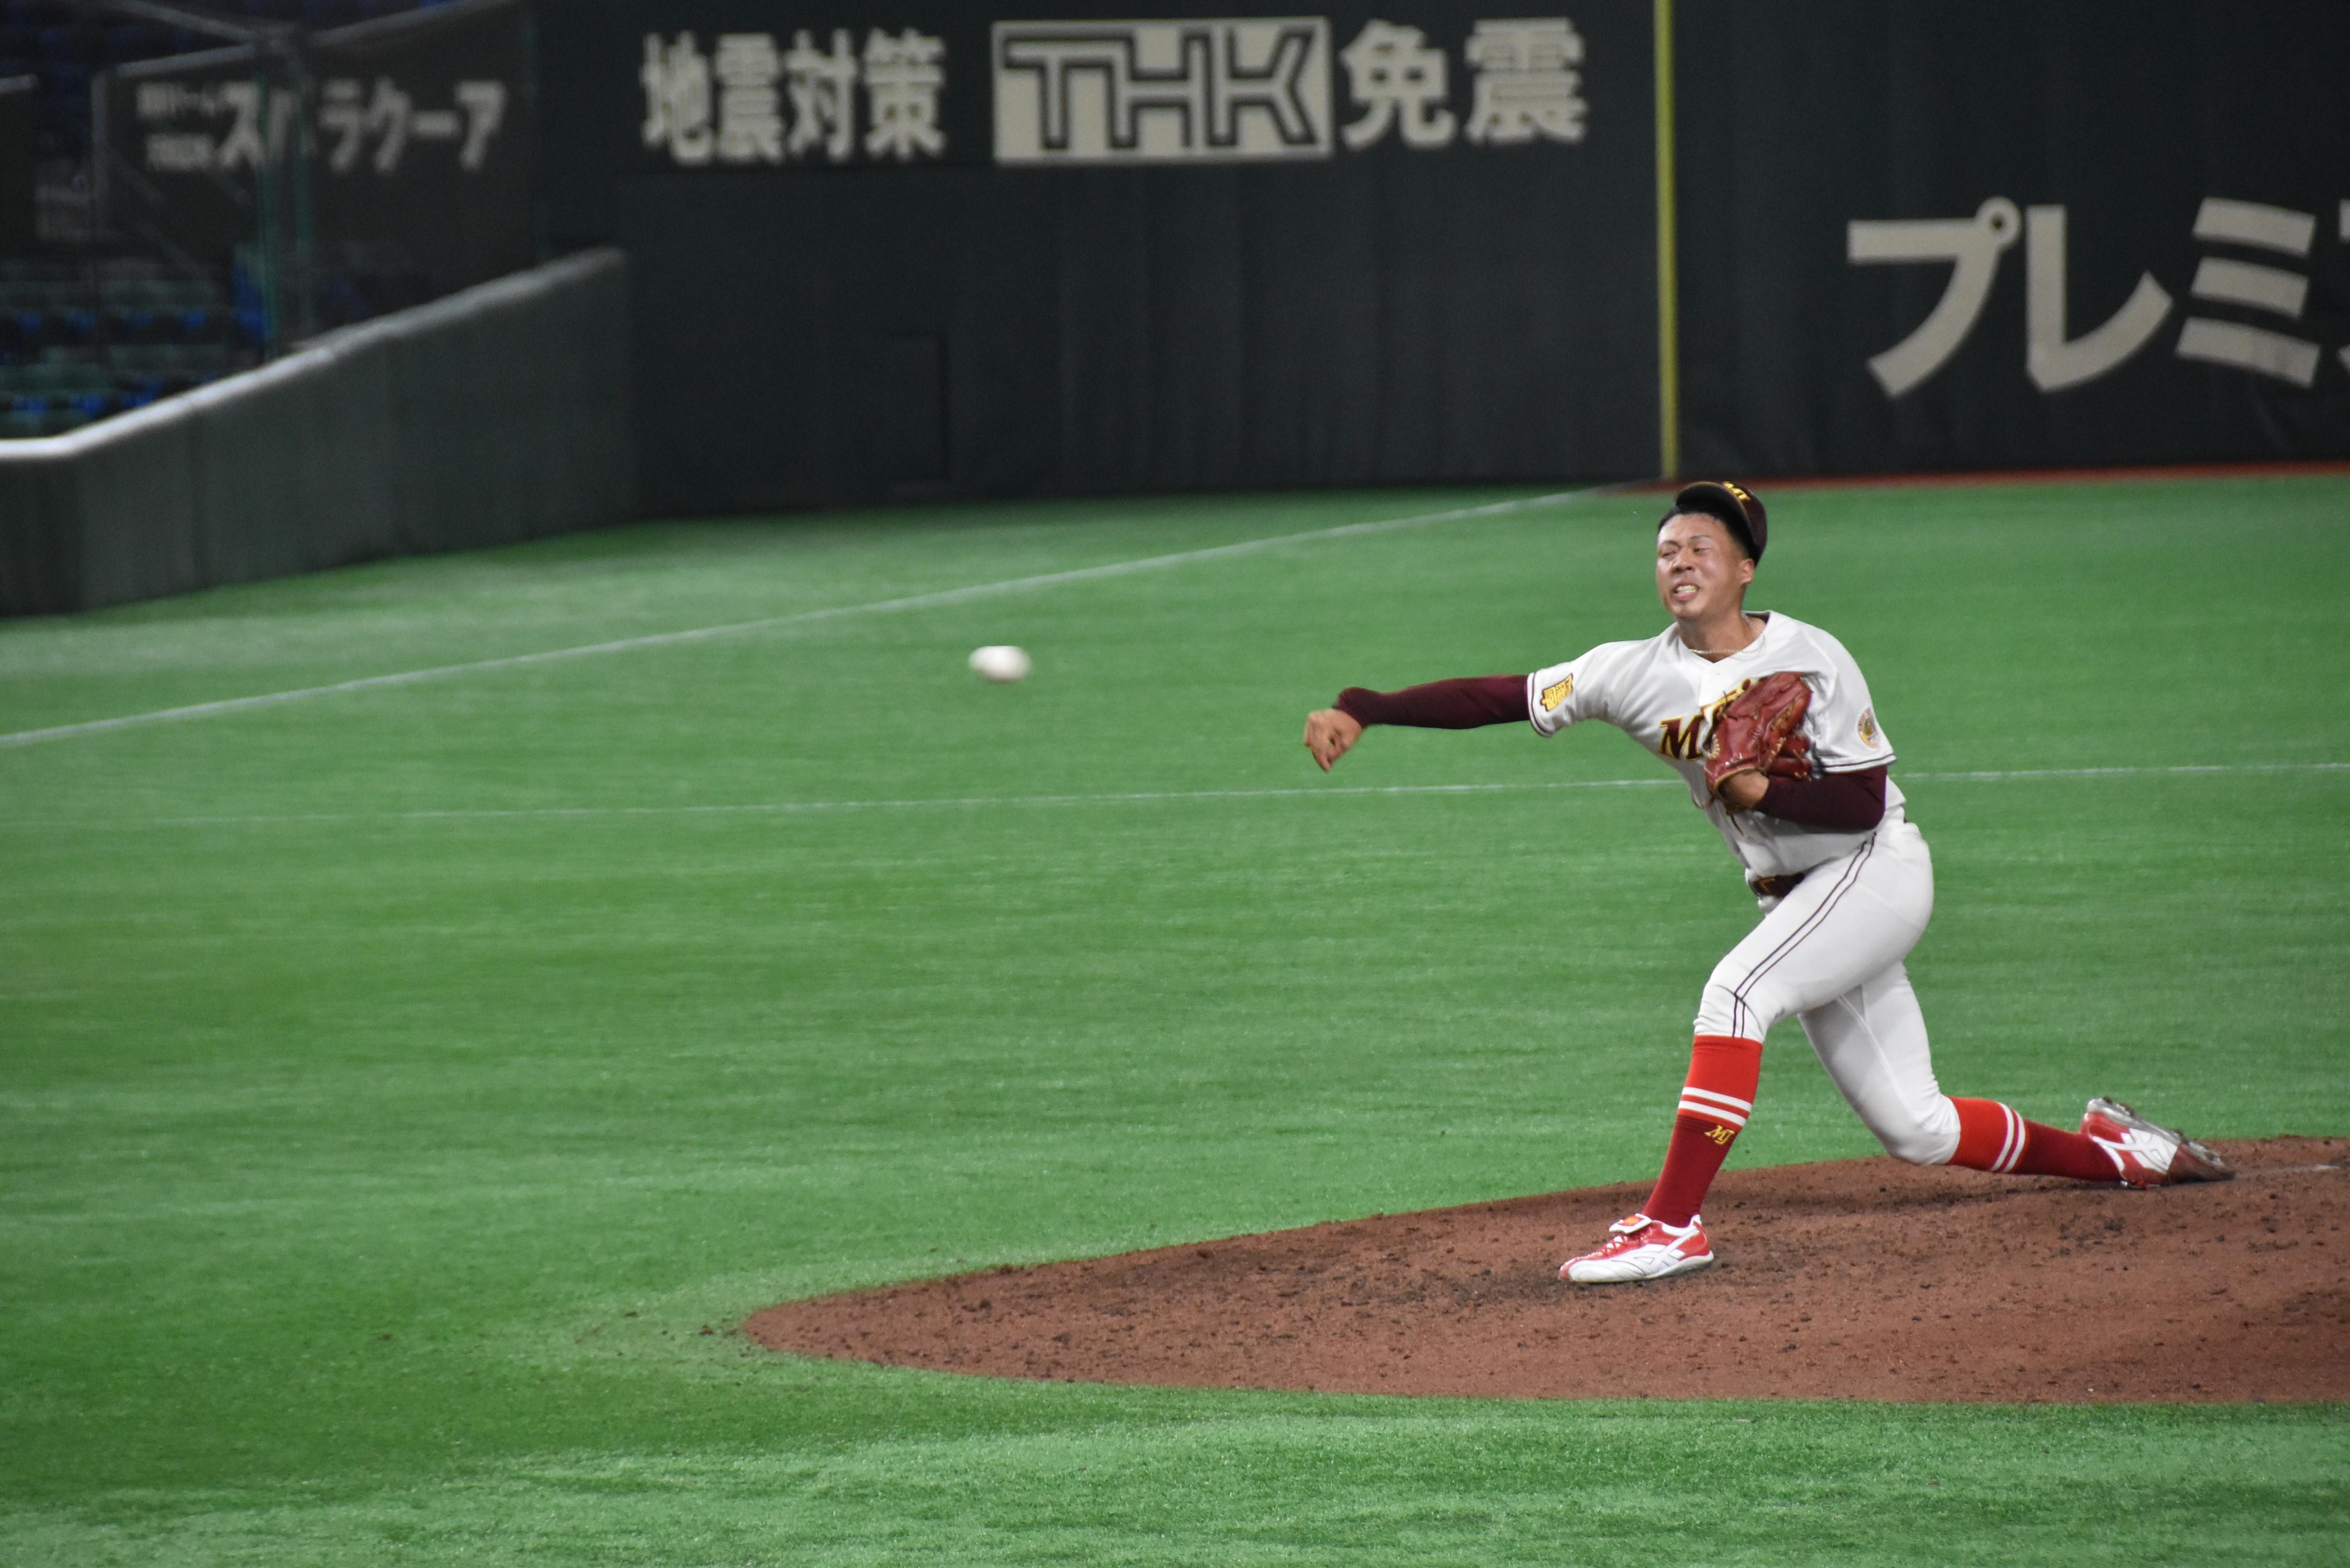 完封した松本投手の投球フォーム